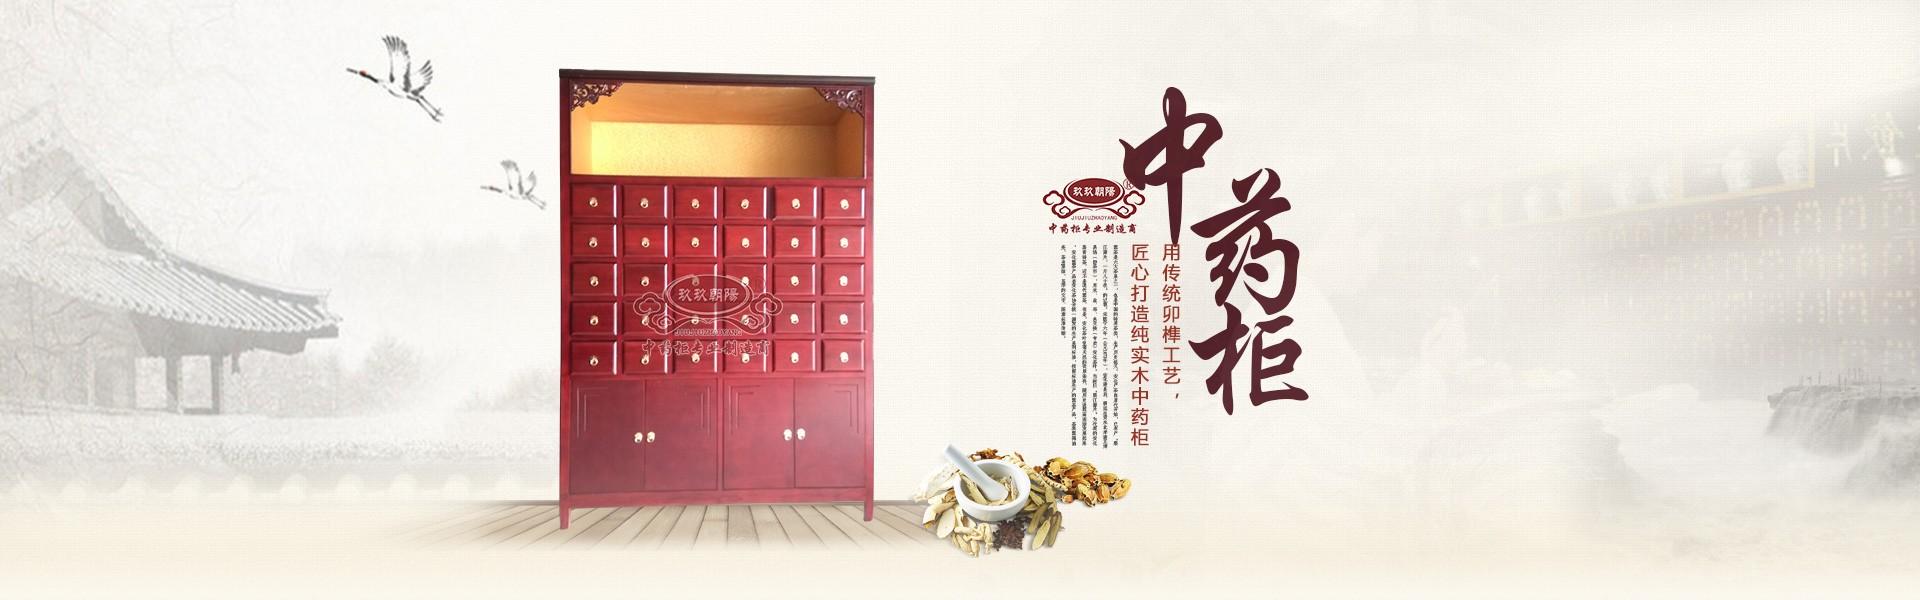 莱芜复古<a href=http://www.zhongyaogui.com/lm_cpzx/zyg/ target=_blank class=infotextkey>中药柜</a>